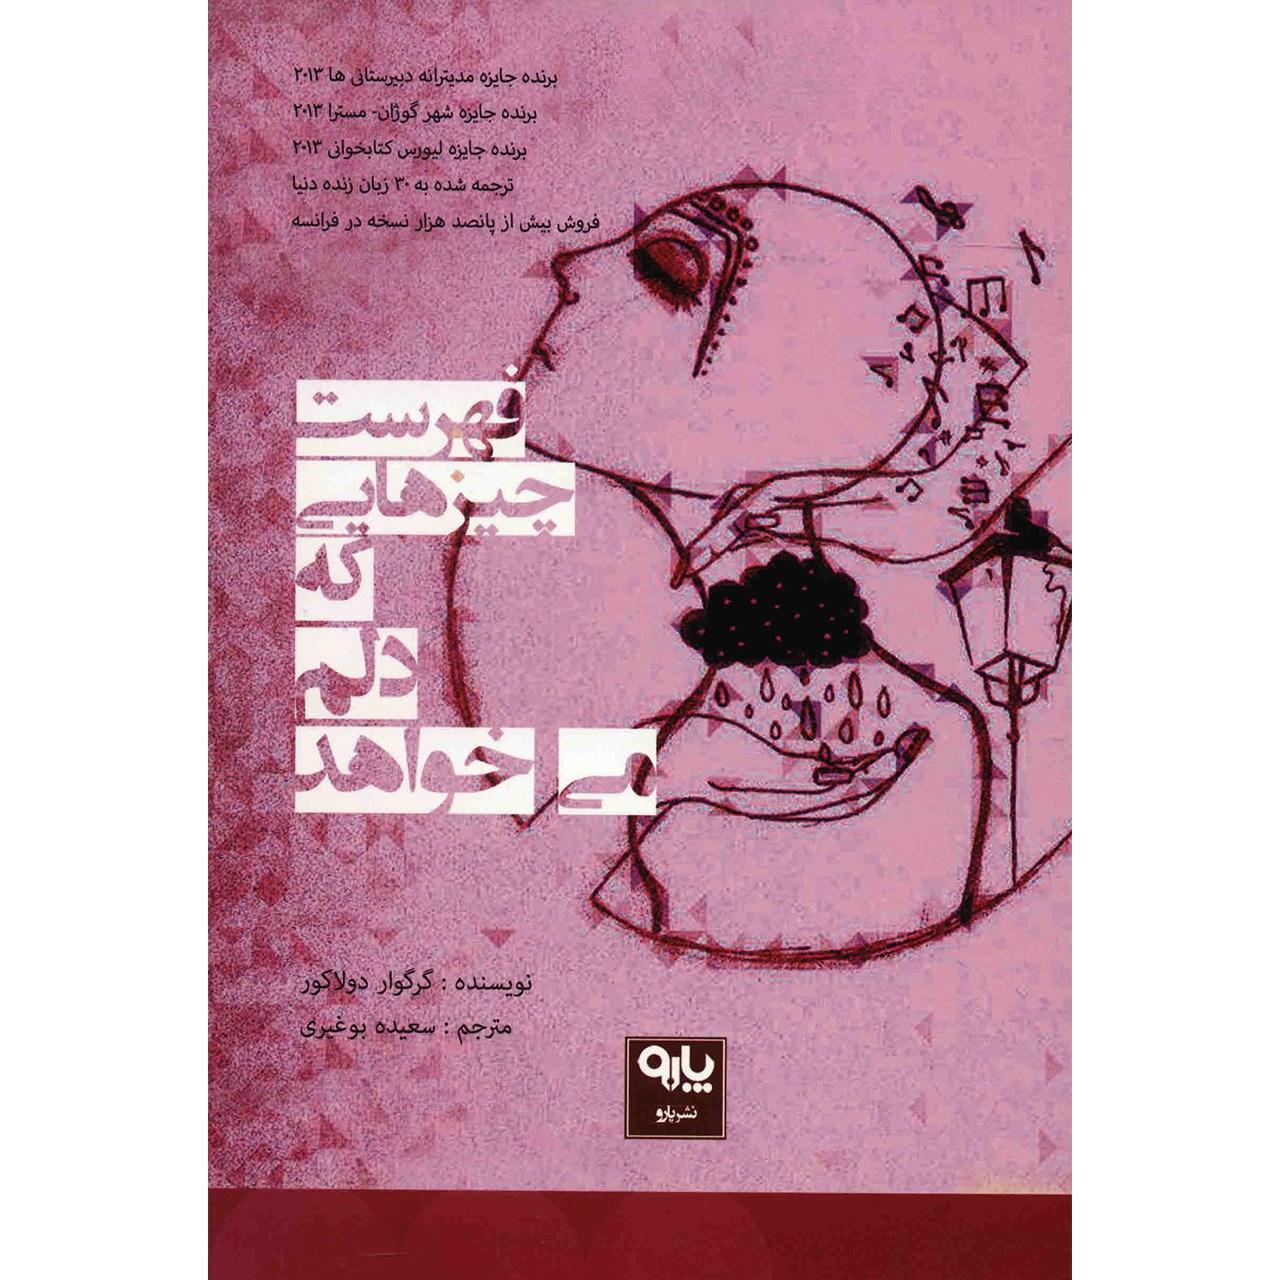 کتاب فهرست چیزهایی که دلم می خواهد اثر گرگوار دولاکور